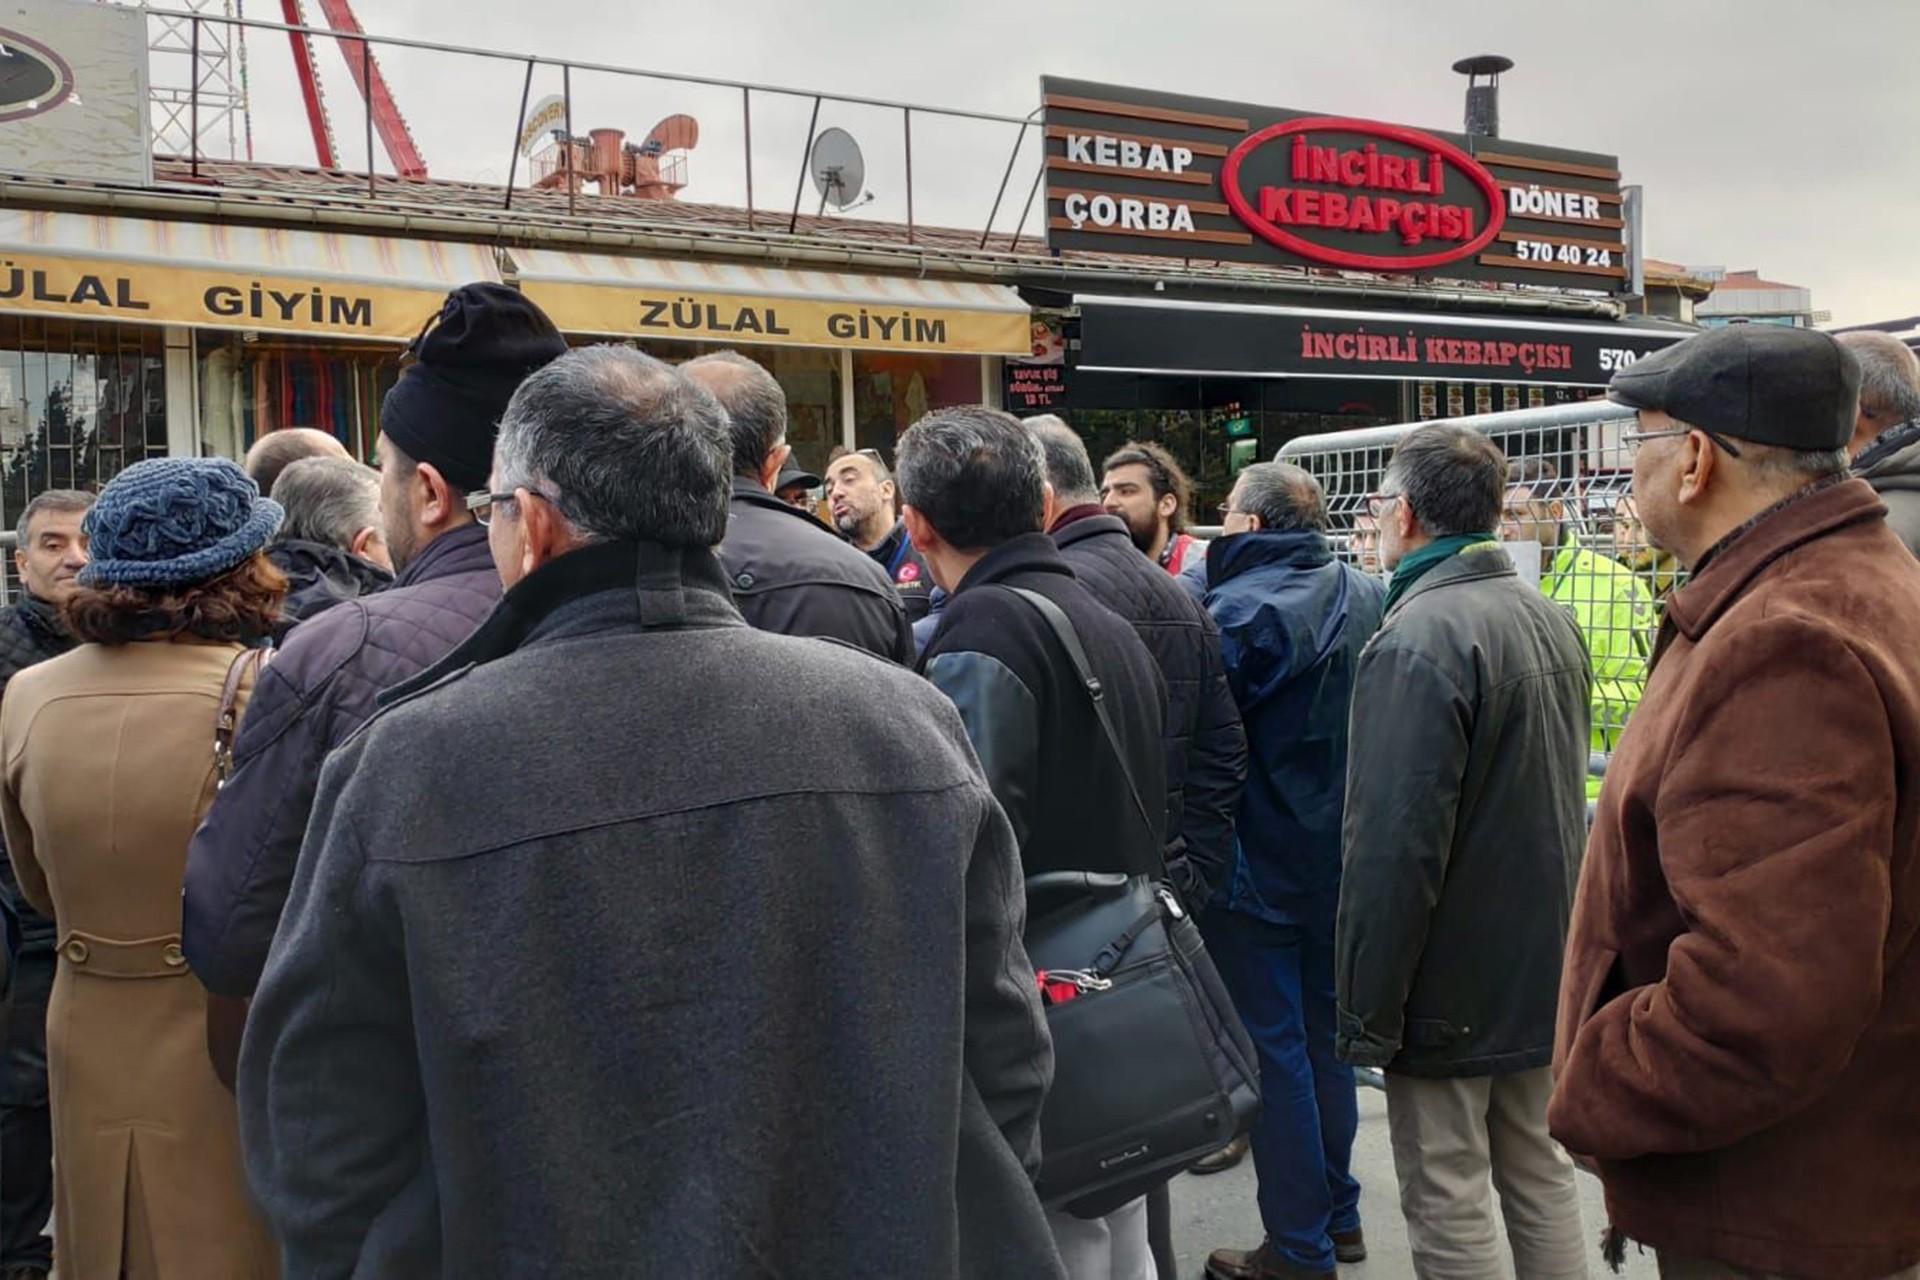 Bakırköy Metro çıkışında polisler girişi engelliyor